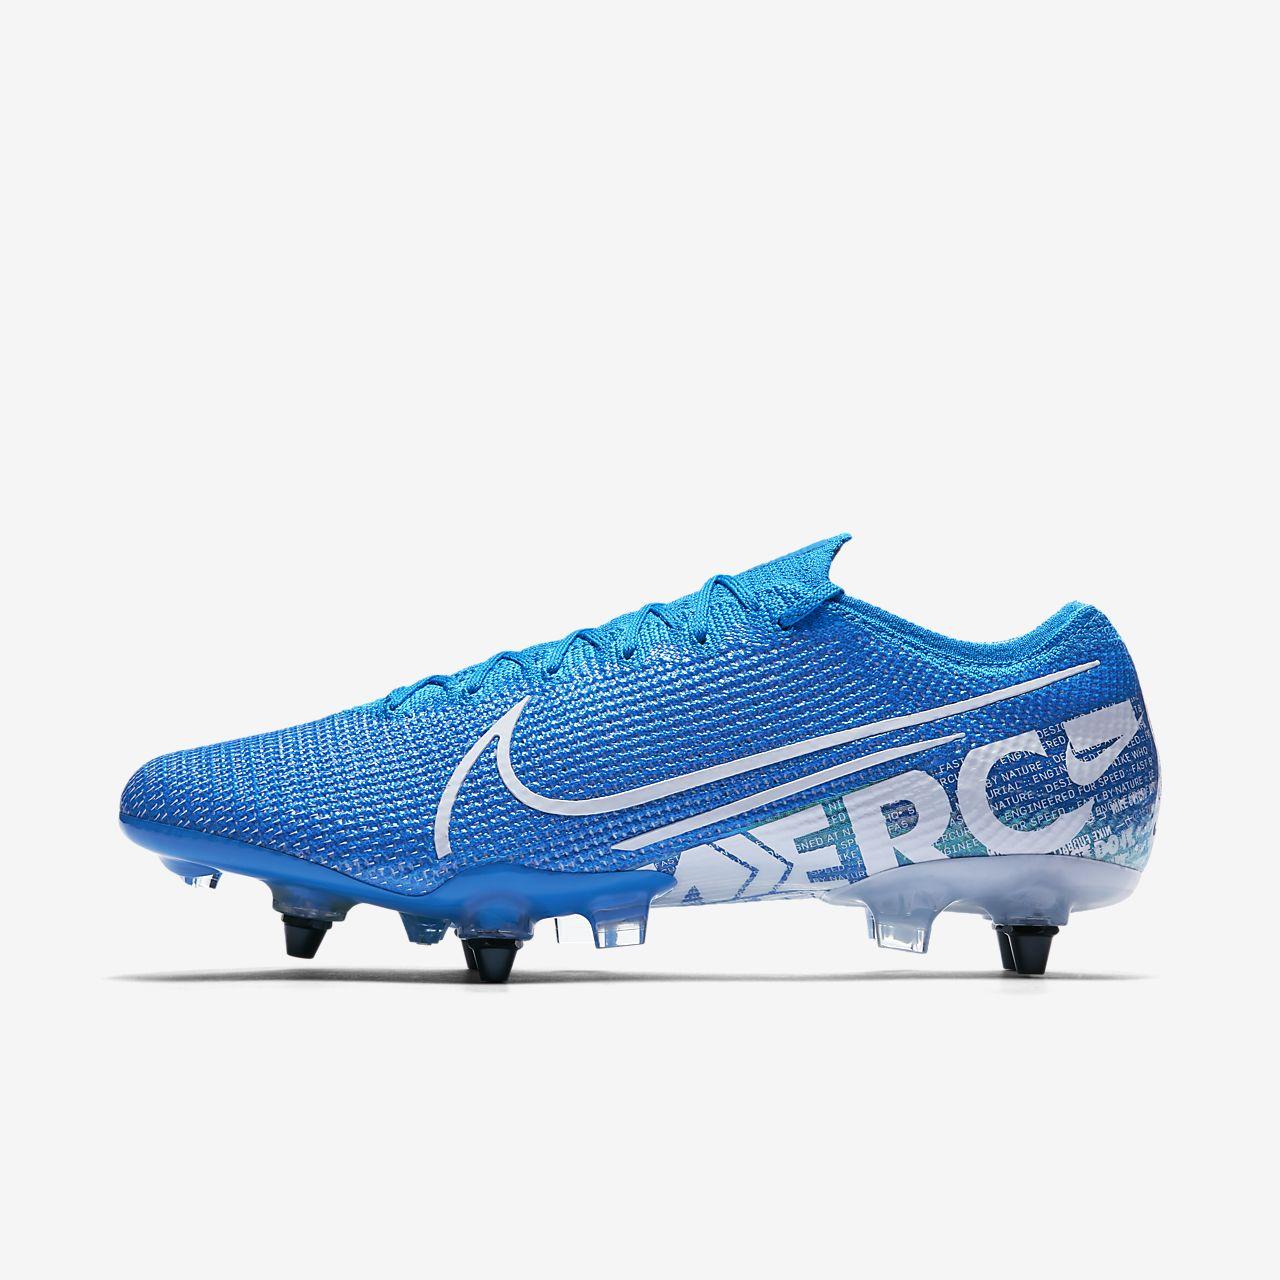 Chaussure de football à crampons pour terrain gras Nike Mercurial Vapor 13 Elite SG PRO Anti Clog Traction